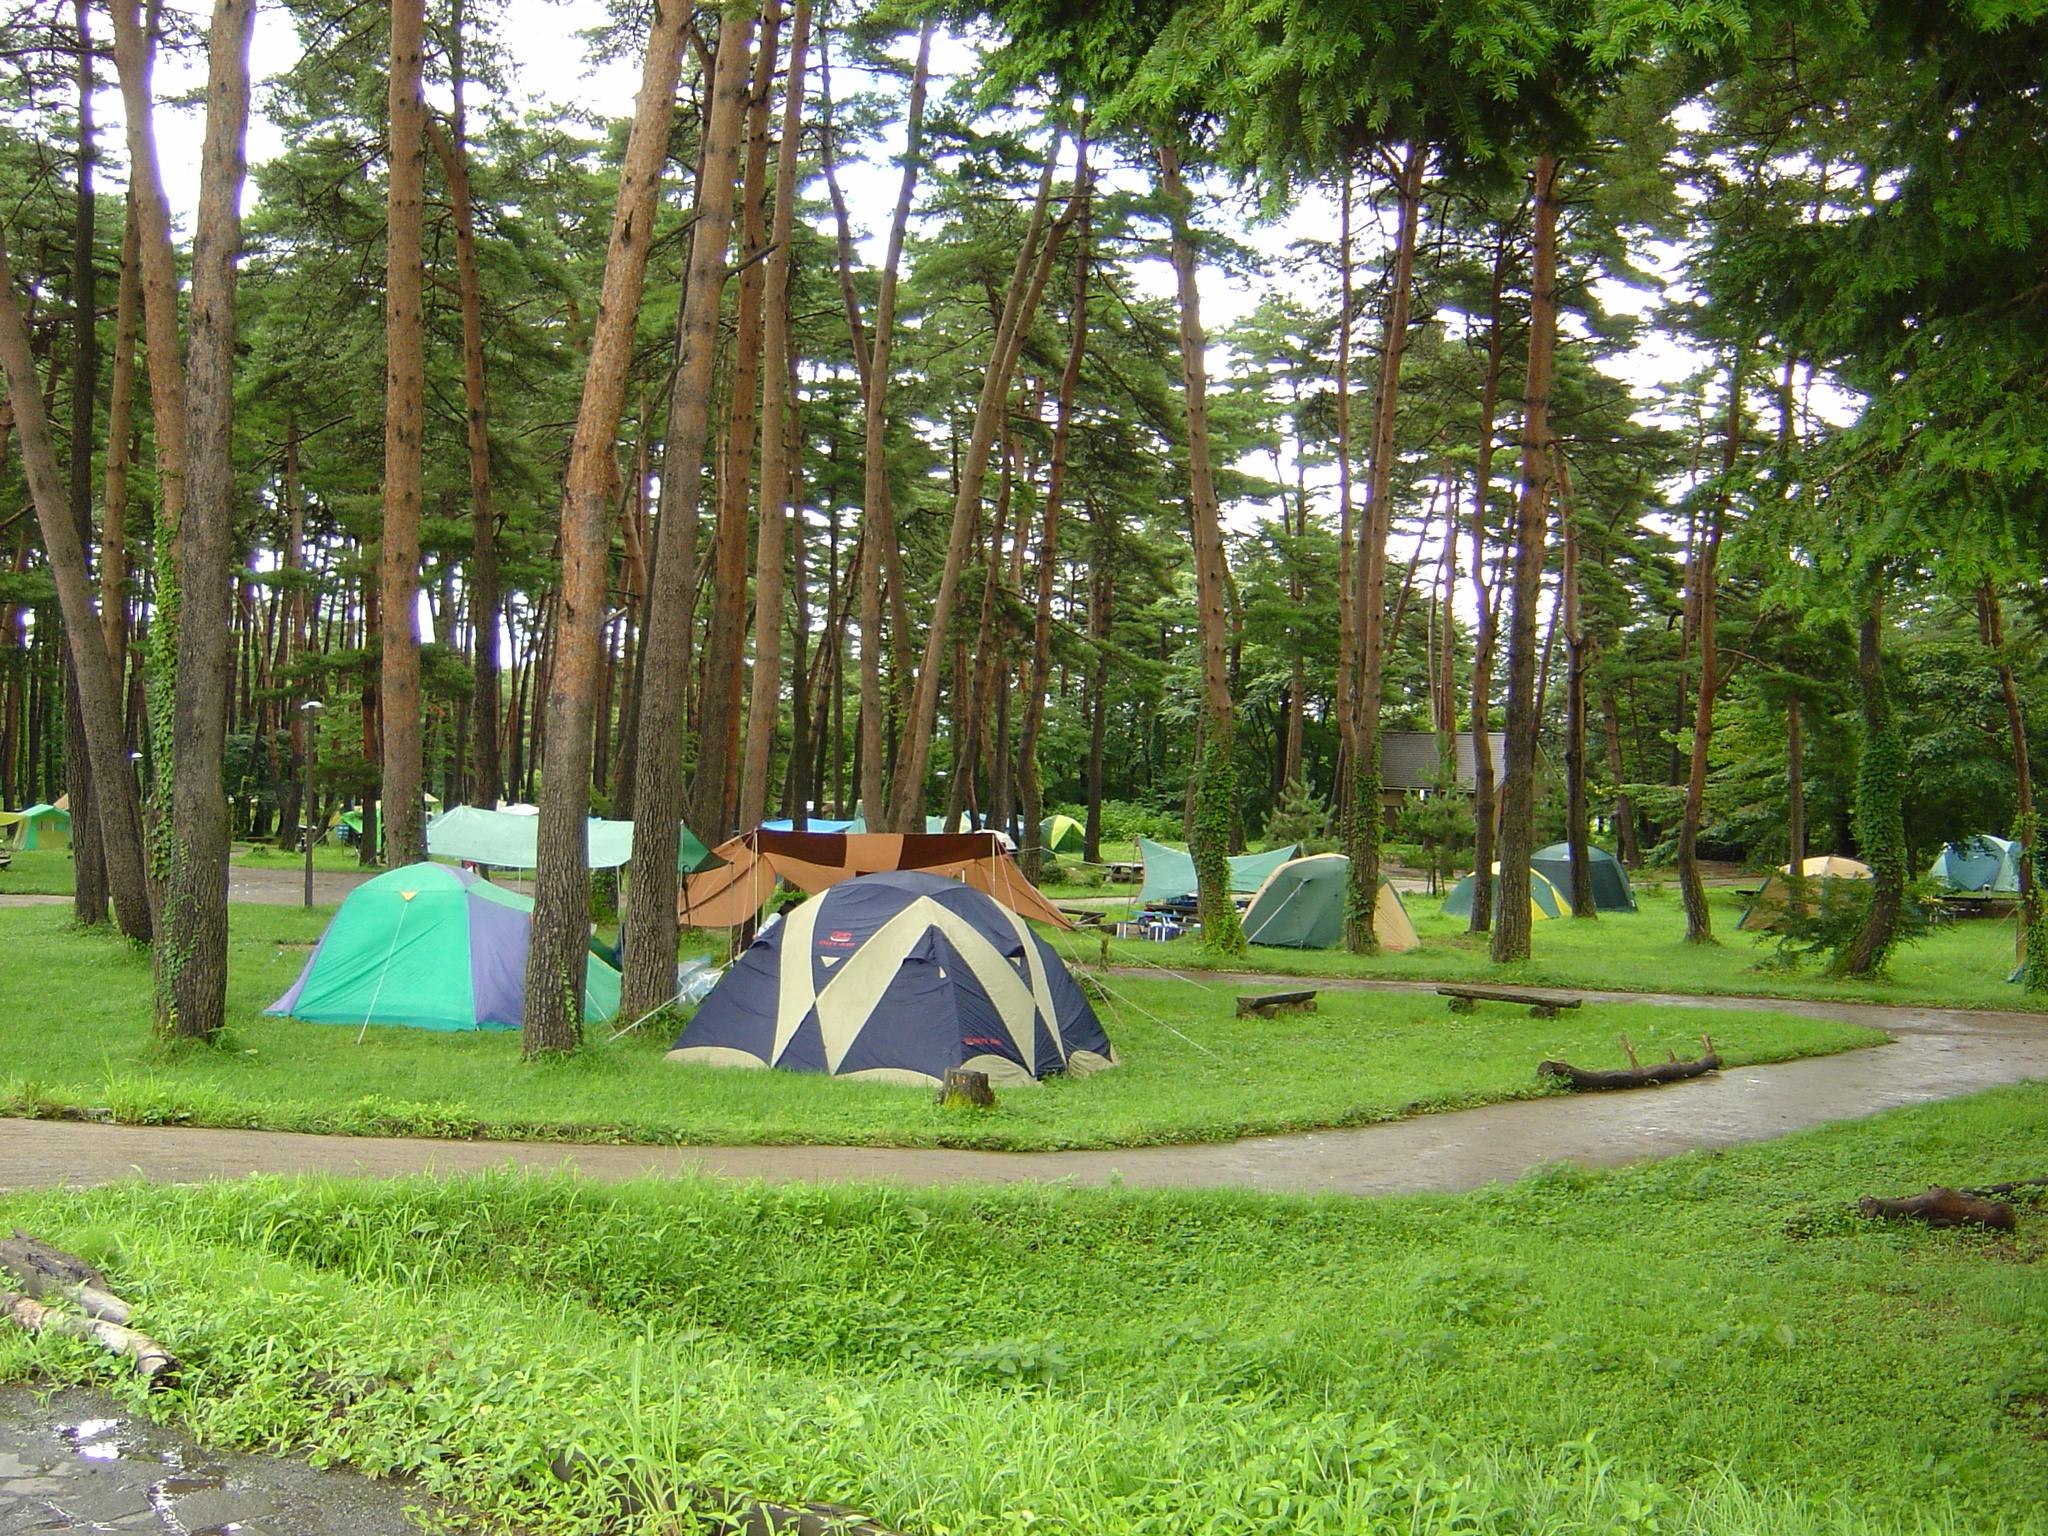 神鍋高原キャンプ場 神鍋高原キャンプ場のスポット&イベント情報 | ウォーカープラス